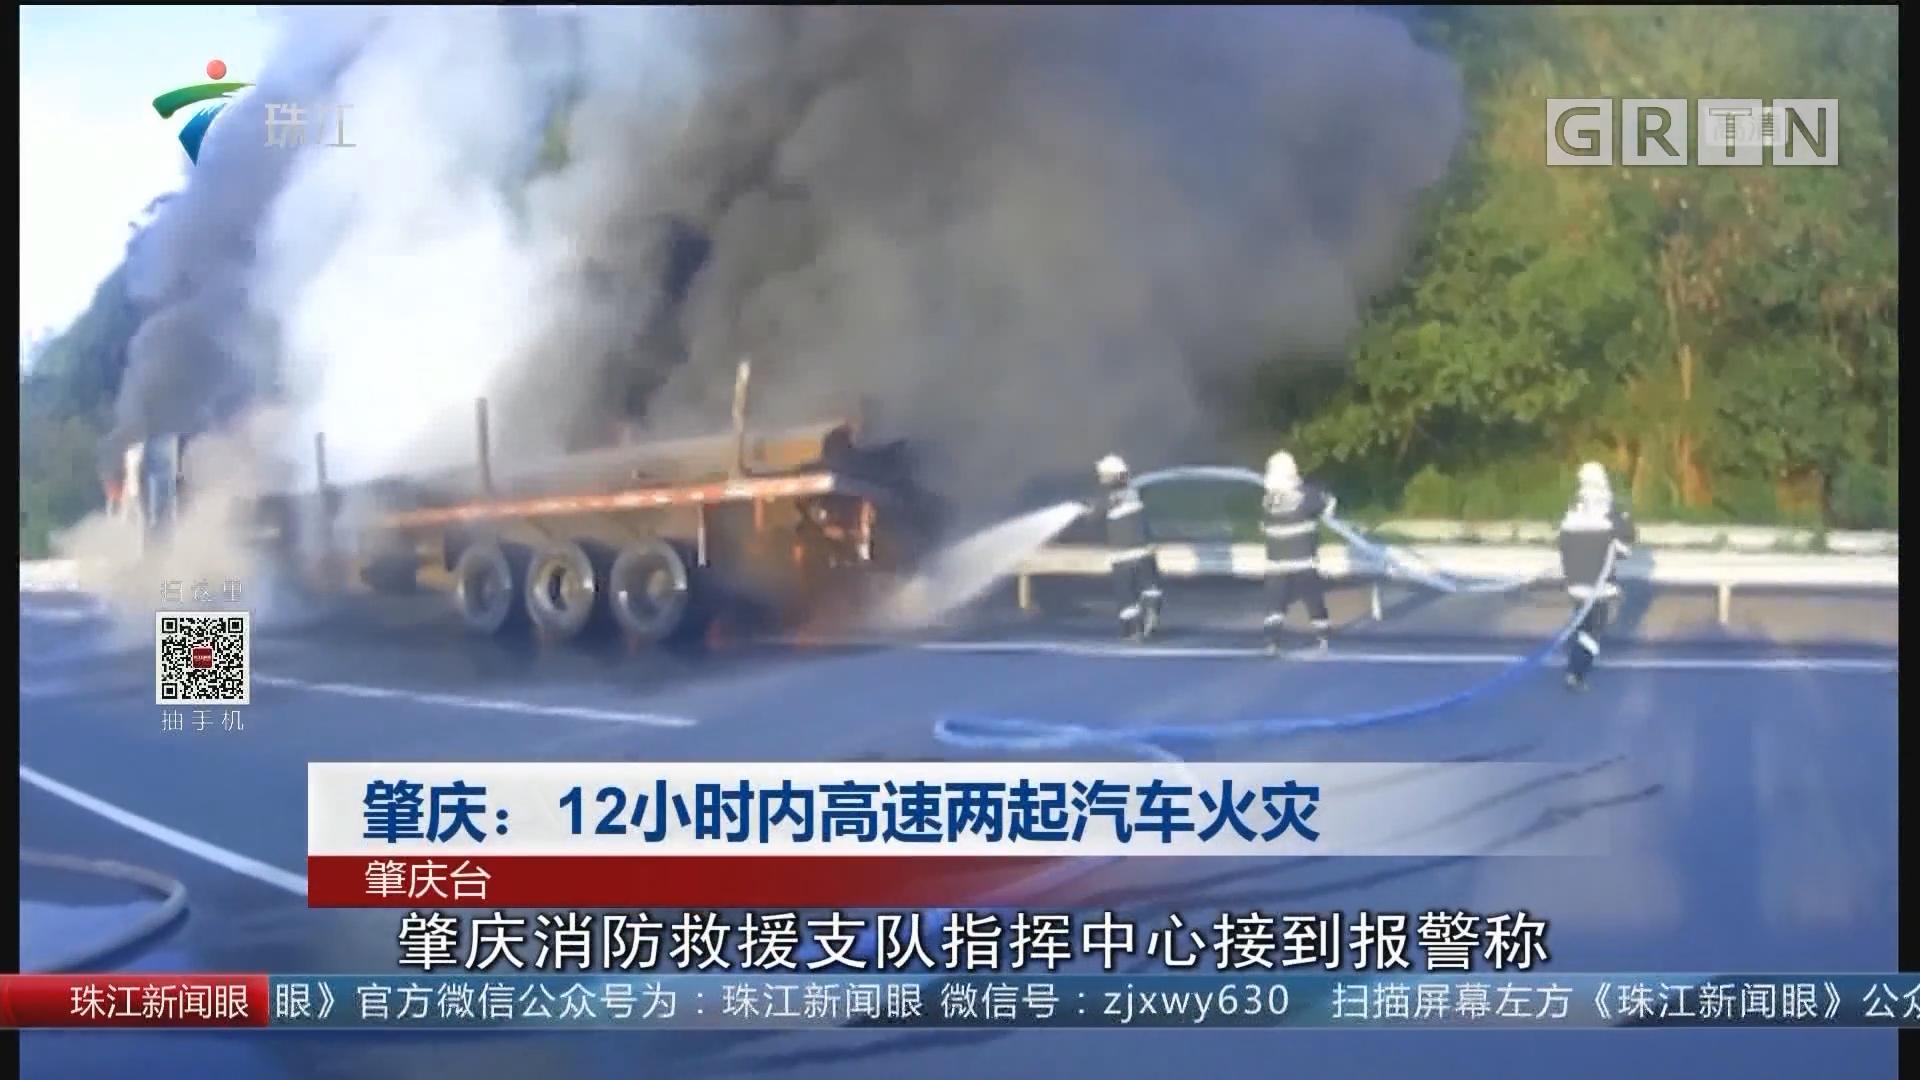 肇庆:12小时内高速两起汽车火灾